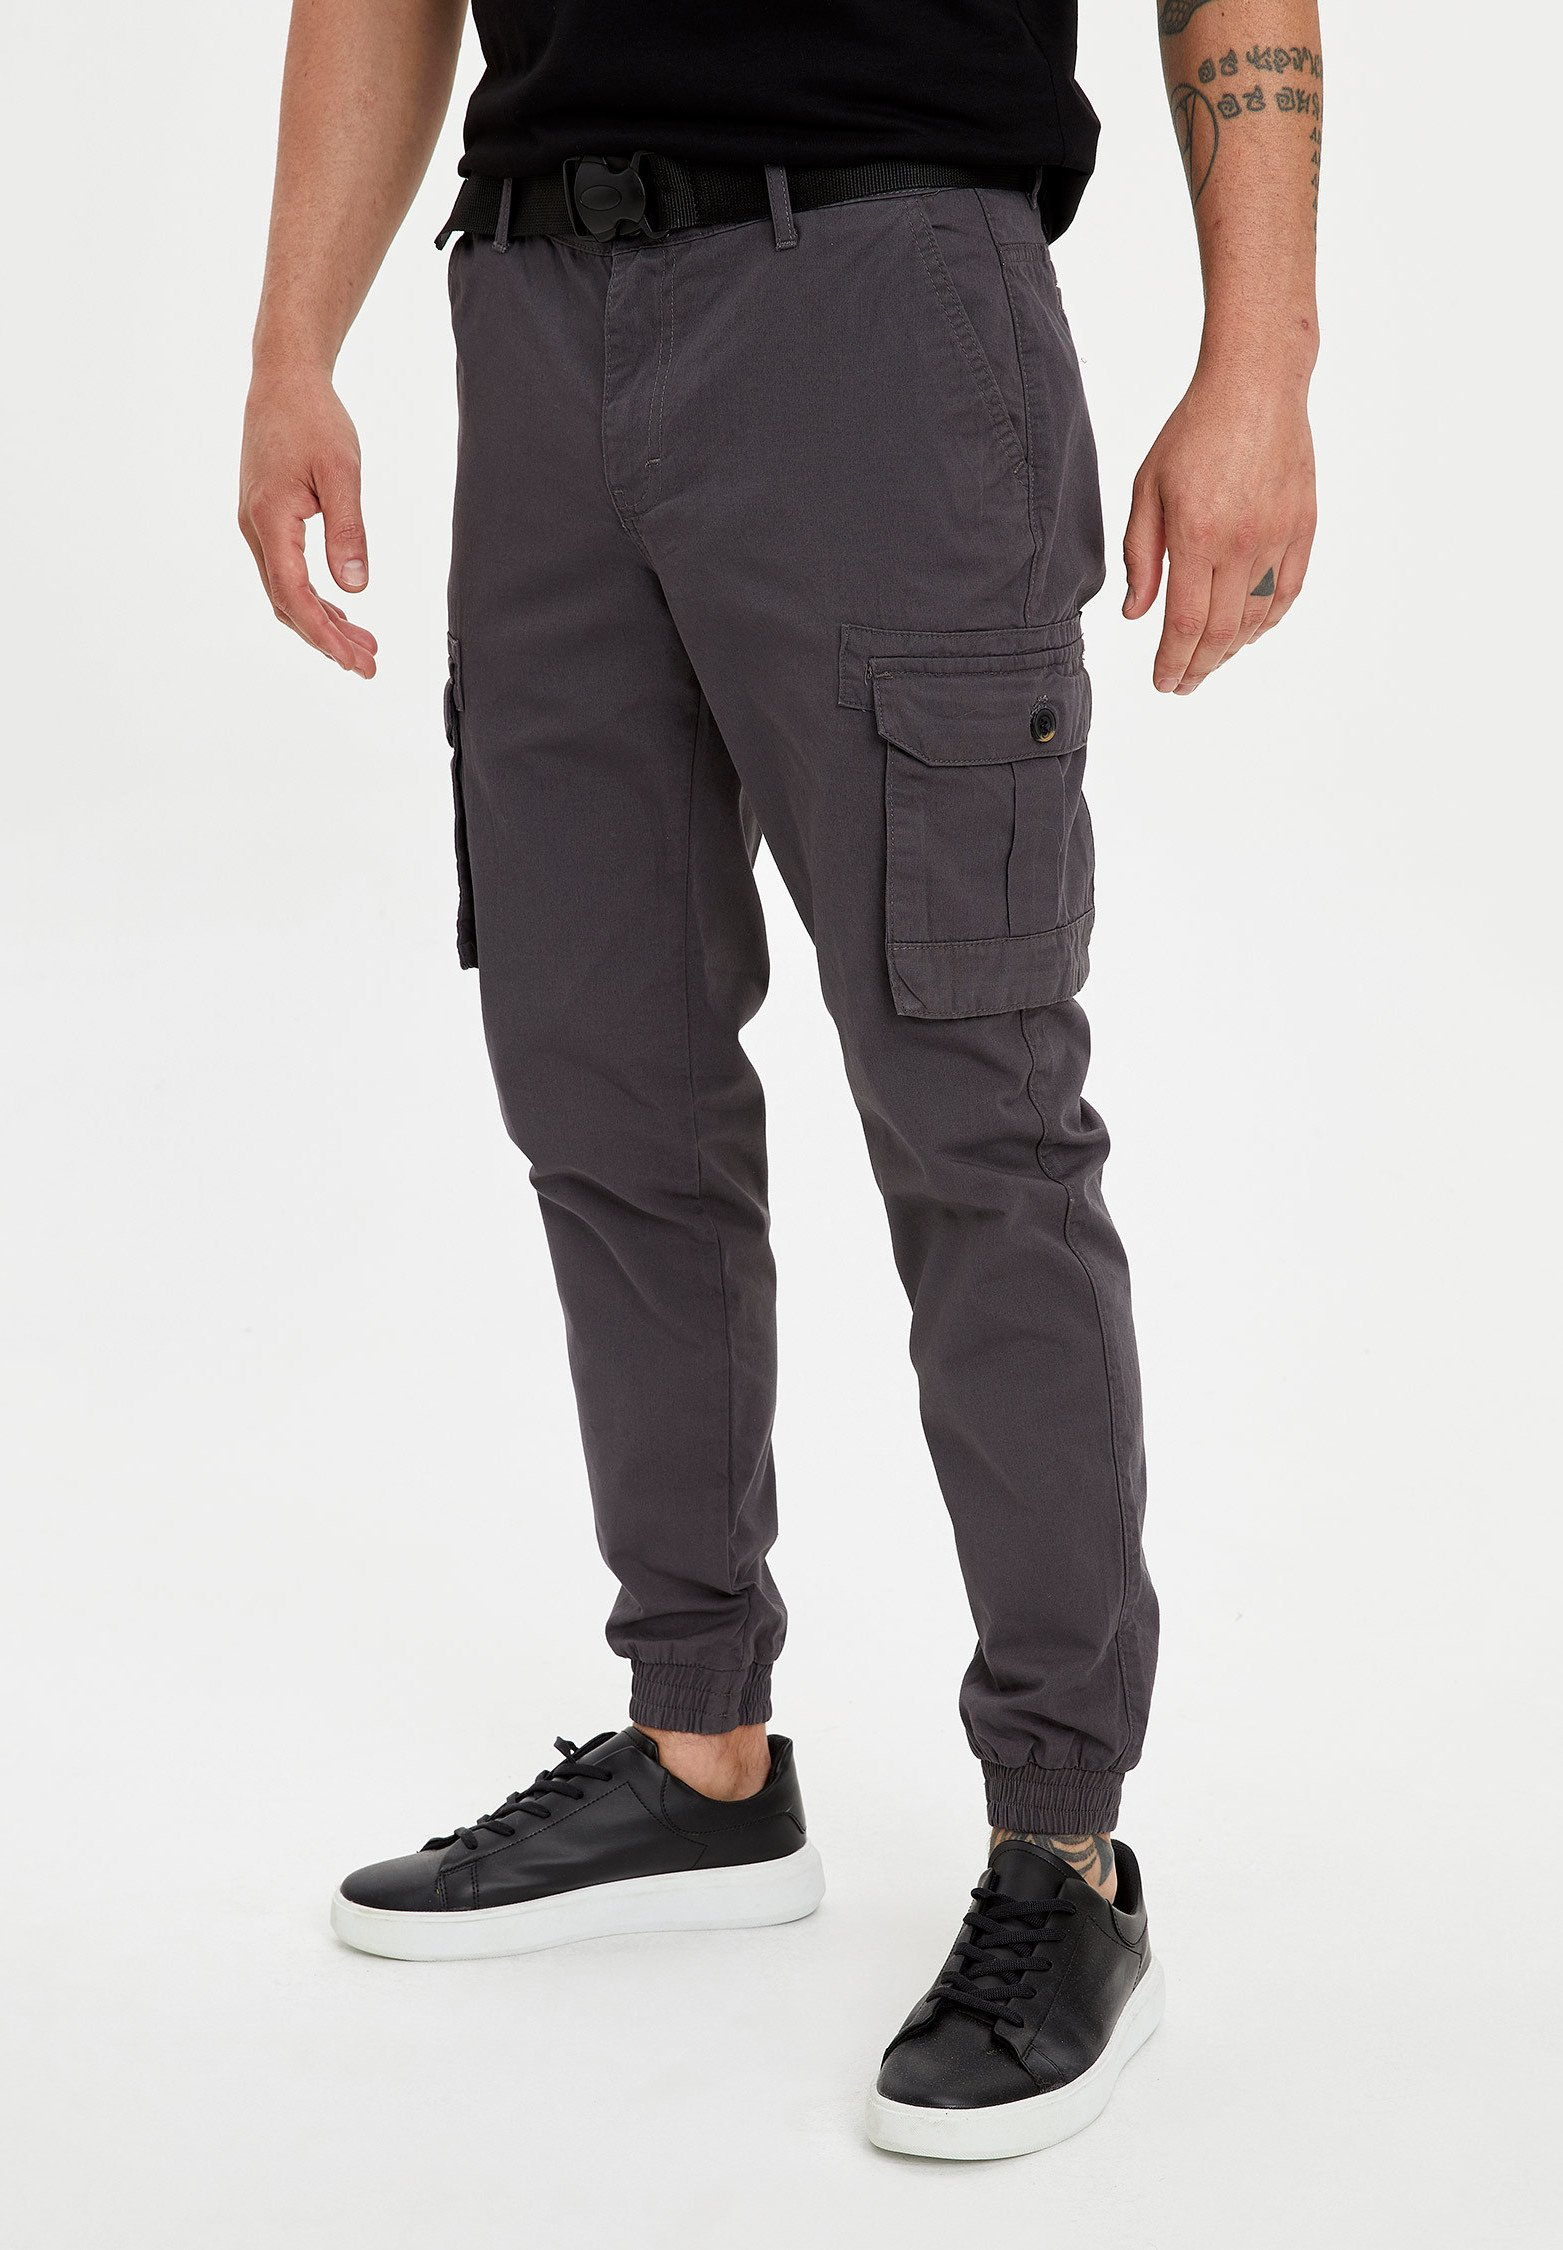 Best Authentic Recommend Men's Clothing DeFacto Cargo trousers anthracite RxCXRez9h Gc6w50MJq